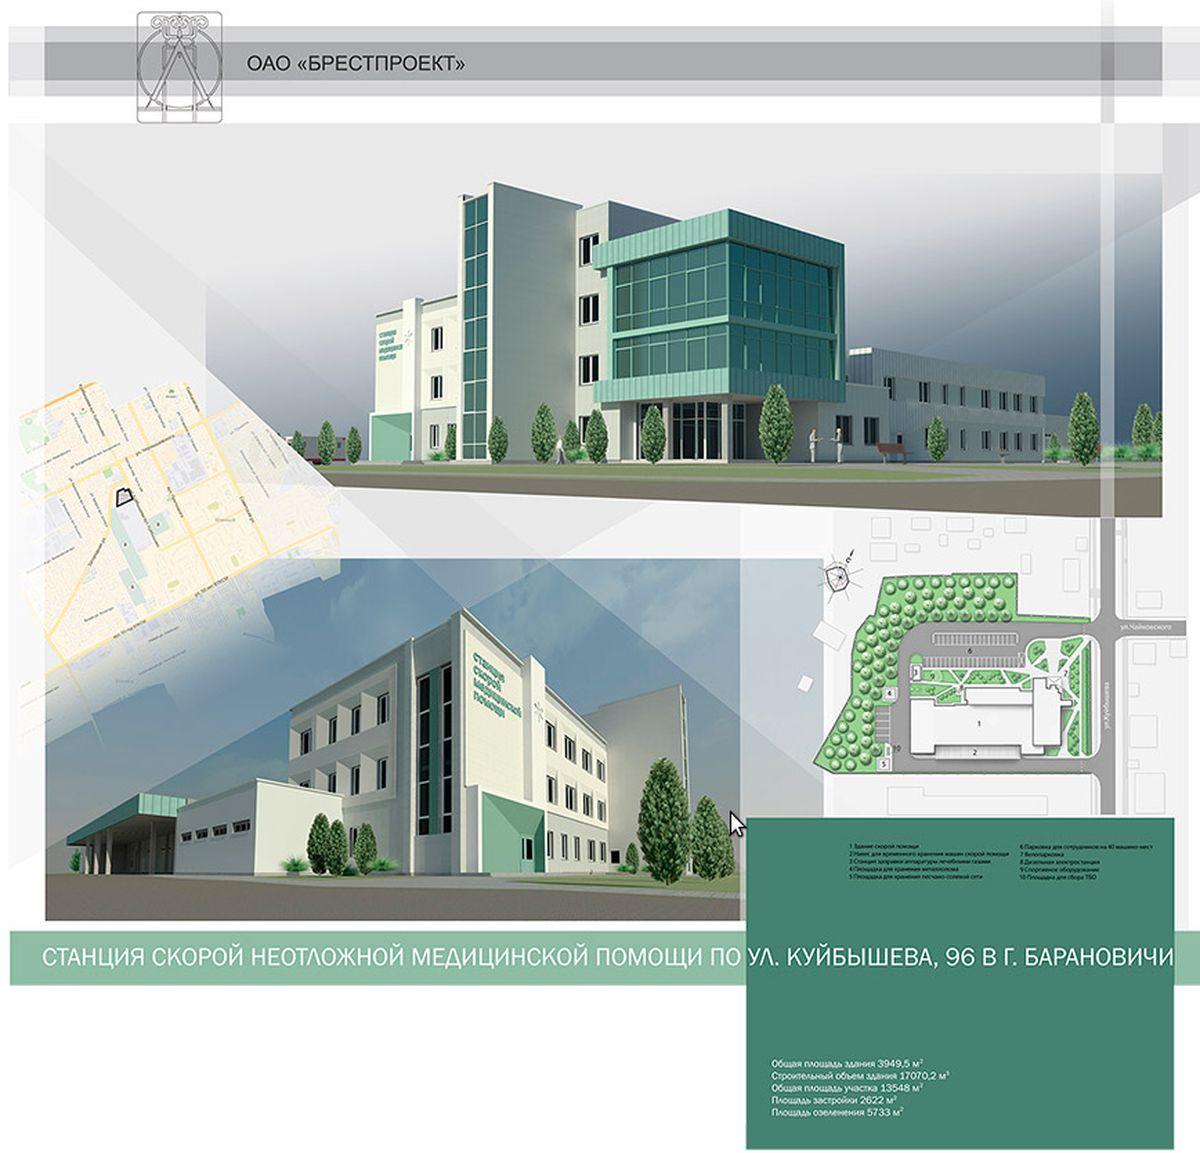 Проект здания скорой неотложной медицинской помощи. Скриншот с сайта baranovichy.by